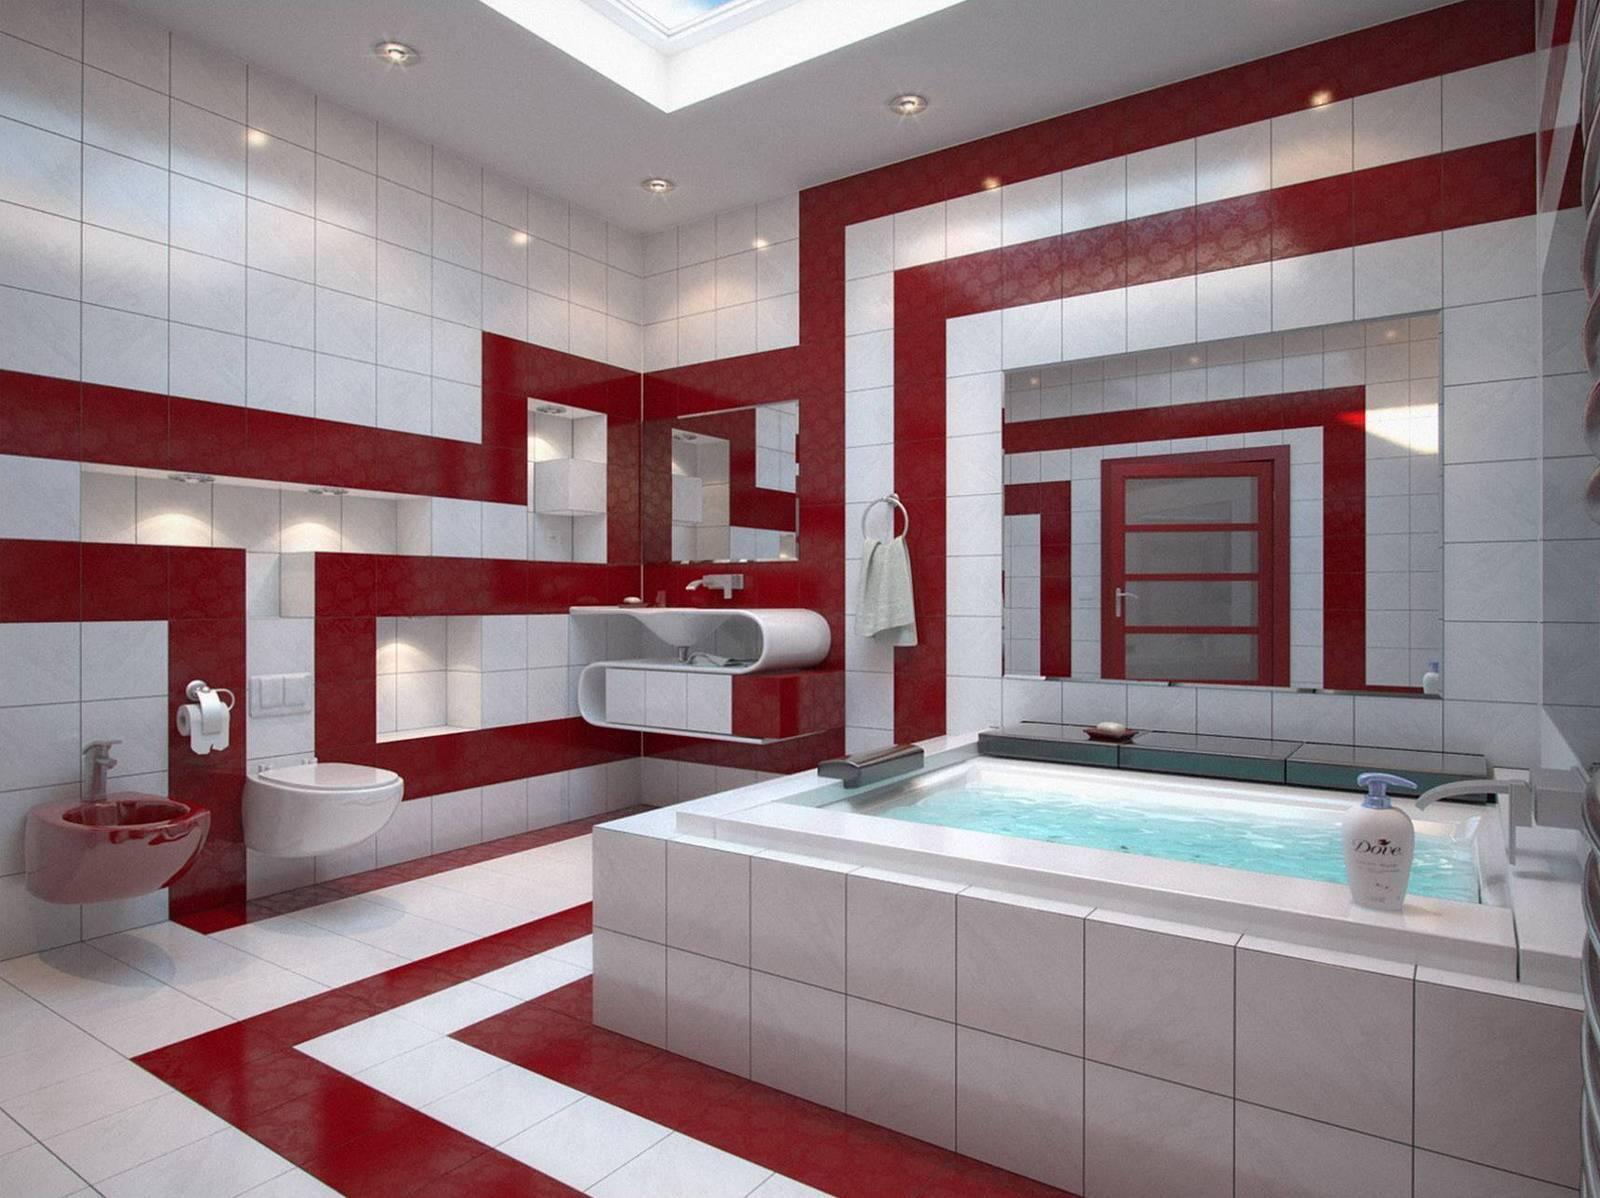 Ванная комната в красном цвете мифы и